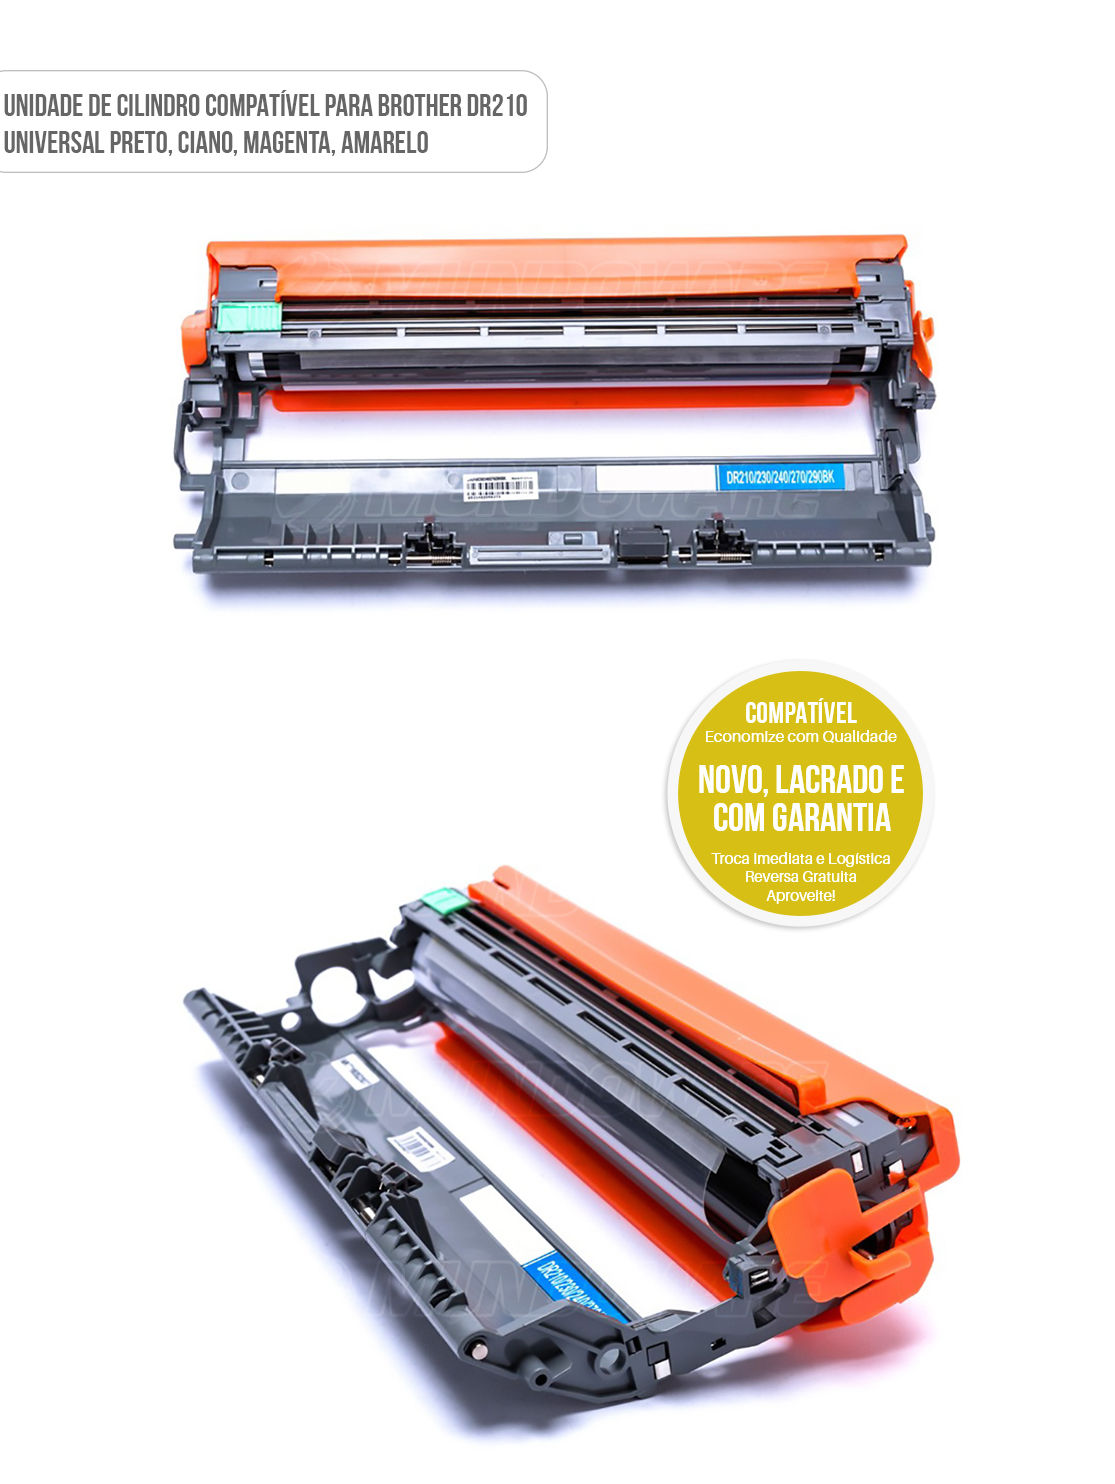 Unidade de Cilindro Compatível com DR210 para Toner Colorido TN210 impressora HL-3040CN HL-3070CW MFC-9120CN MFC-9320CW MFC-9325CW HL3040 HL3070 MFC9120 MFC9320 MFC9325